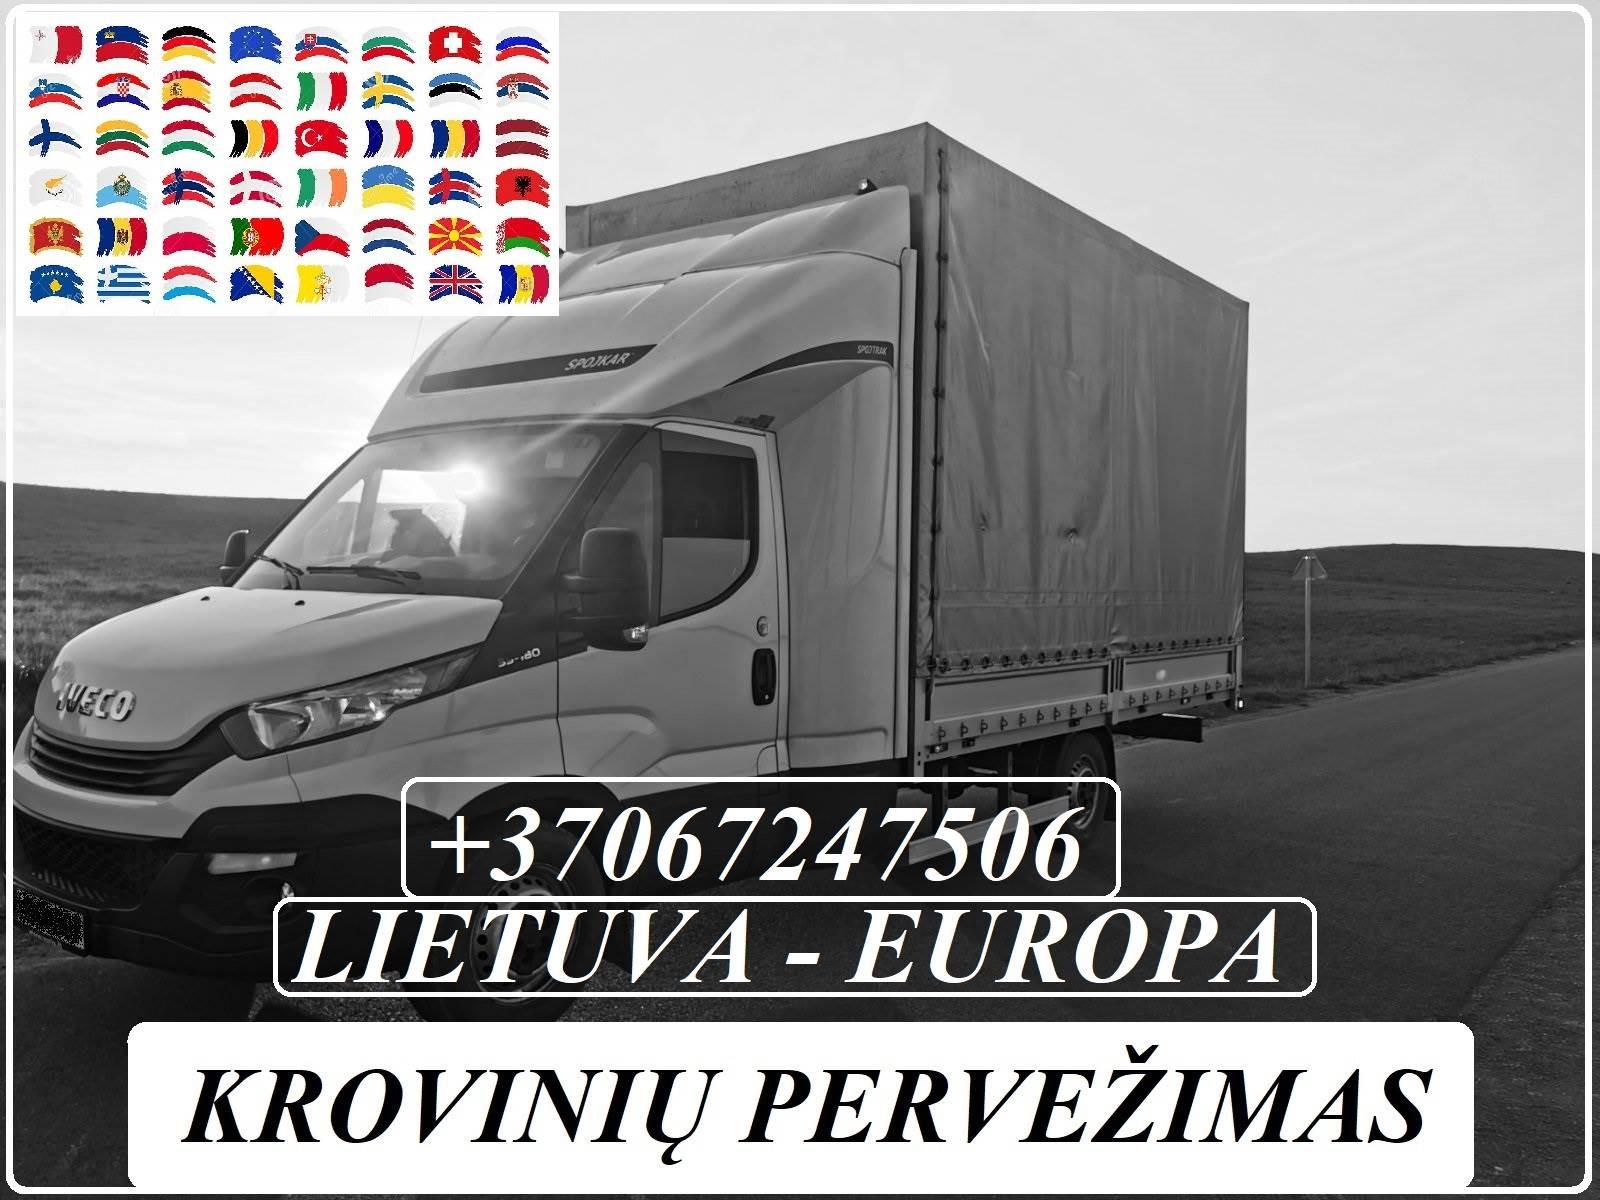 Lietuva - Europa - Lietuva ! Galime parvežti jūsų krovinius, baldus, buitine technika, motociklus, kubilus, pirtis, įrengimus, medžiagas ir t.t. www.v